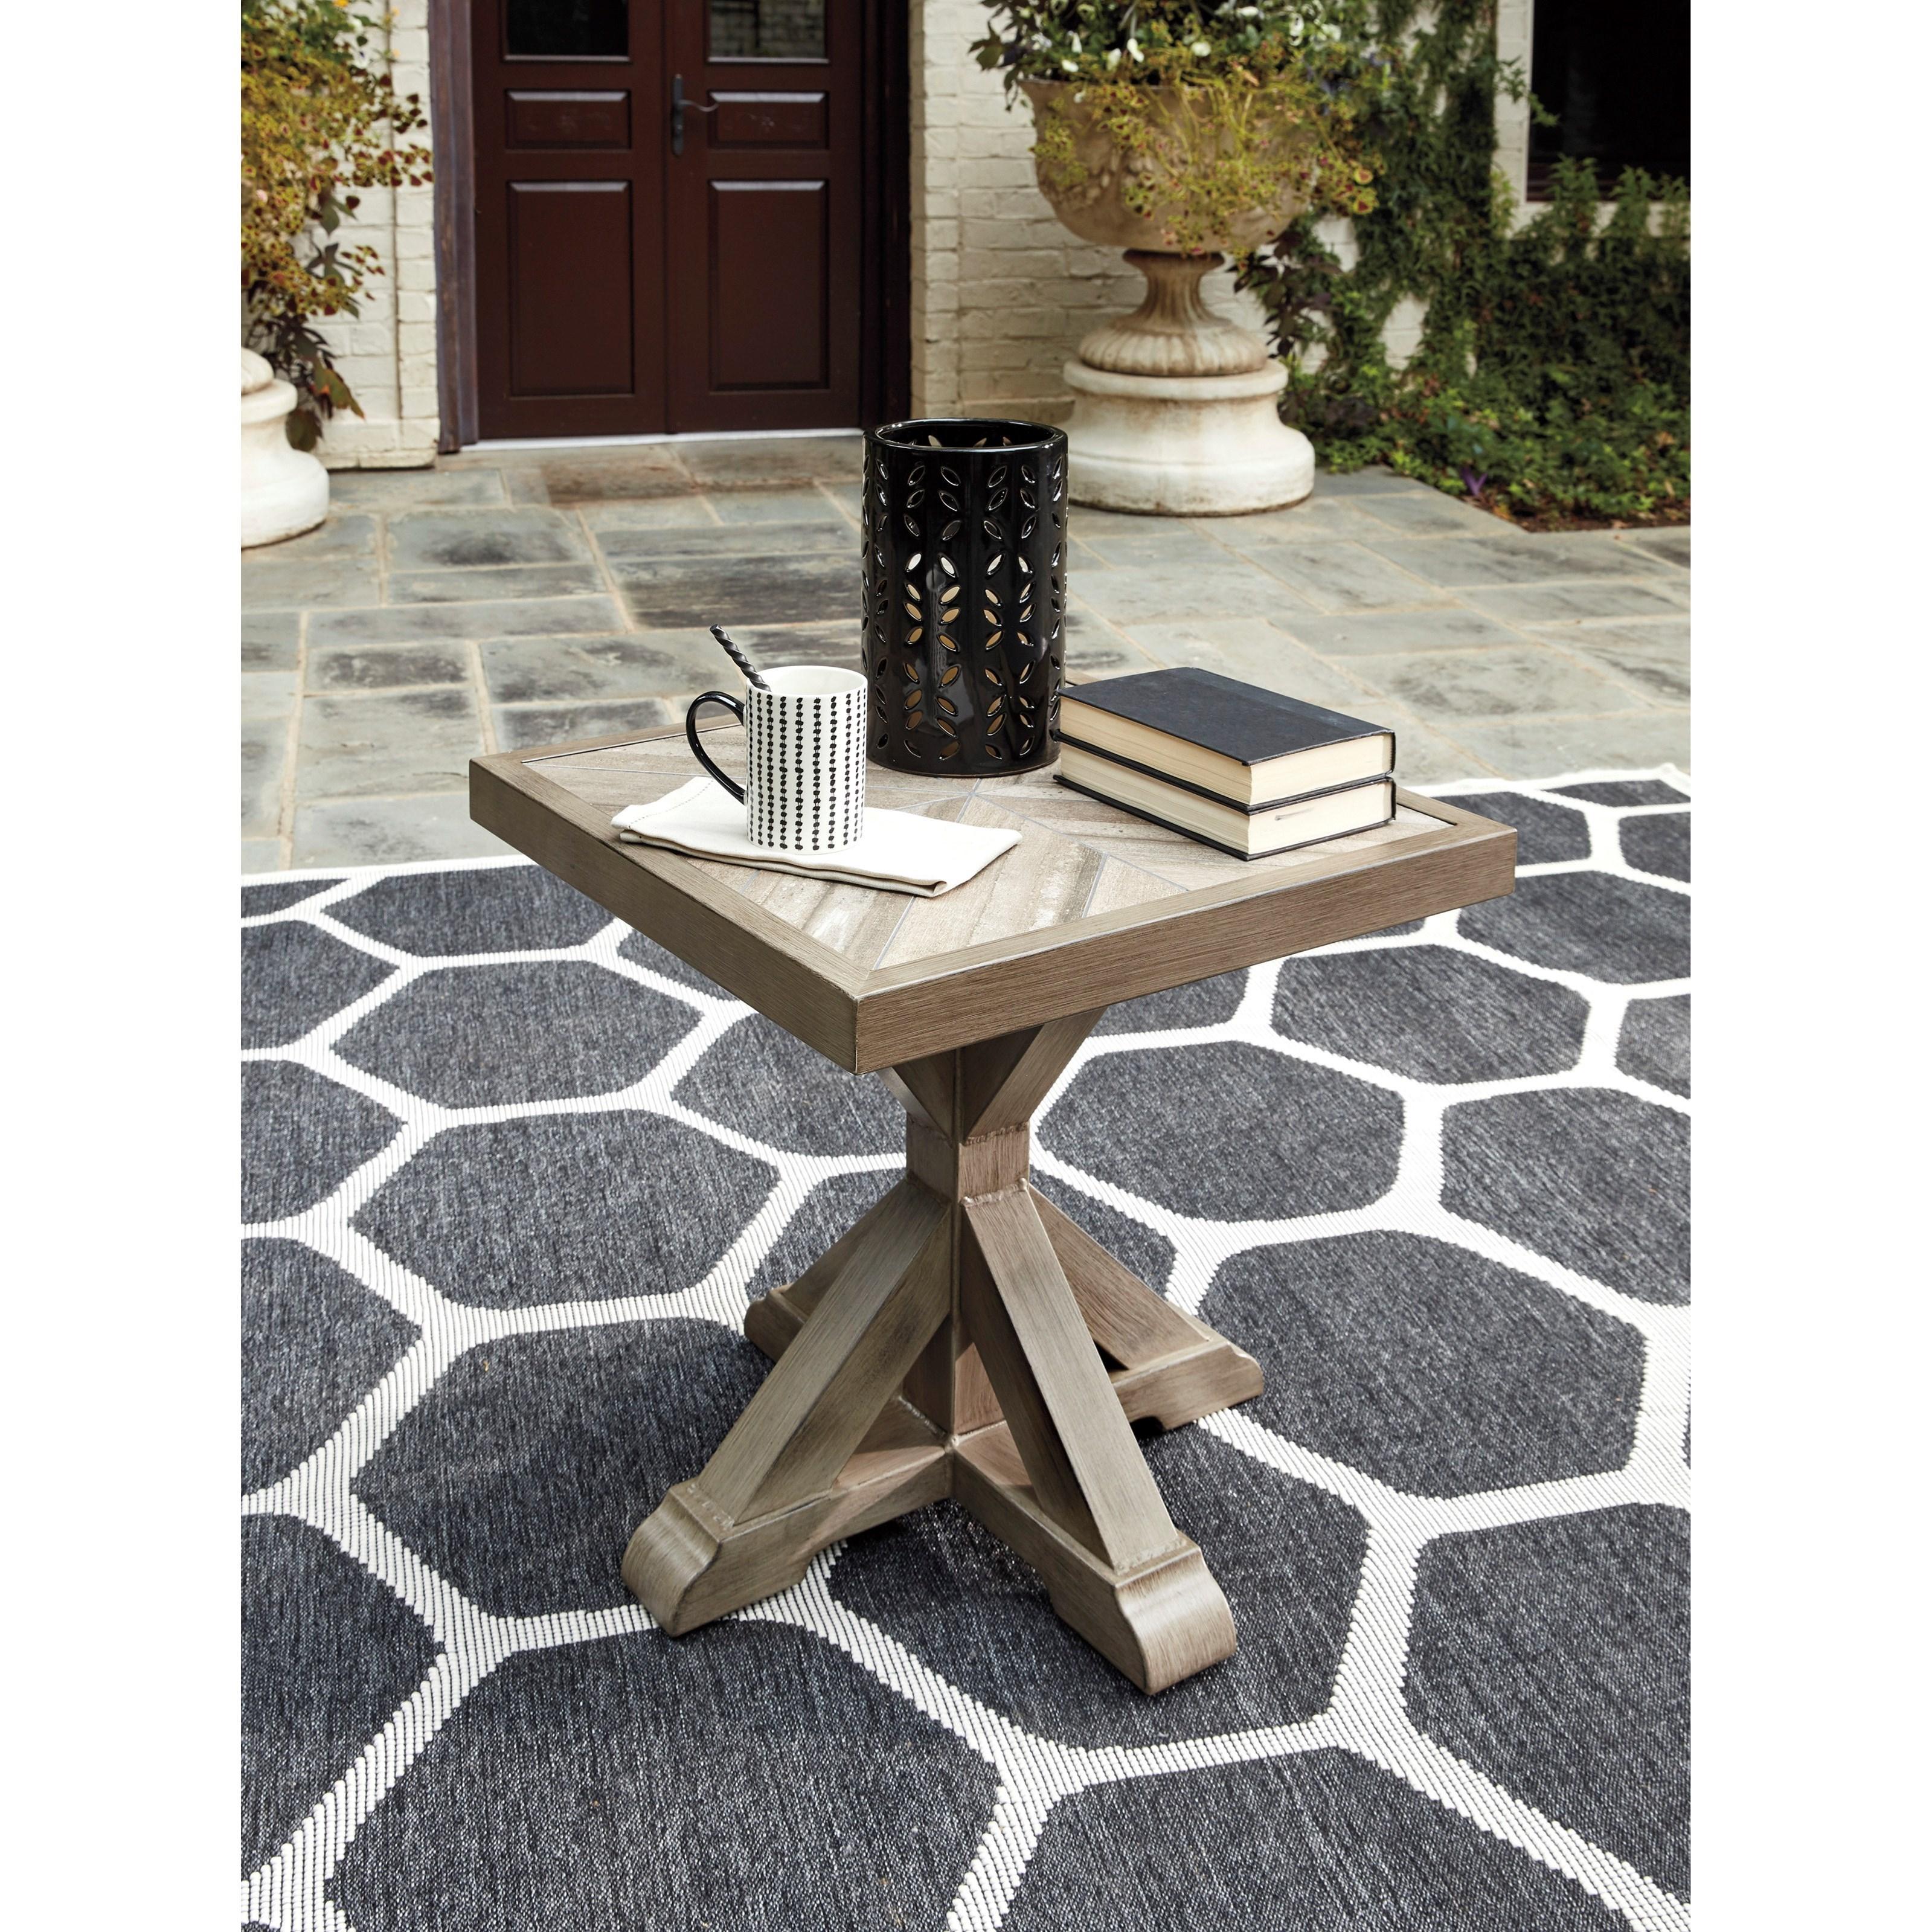 Ashley (Signature Design) Beachcroft Square End Table - Item Number: P791-702